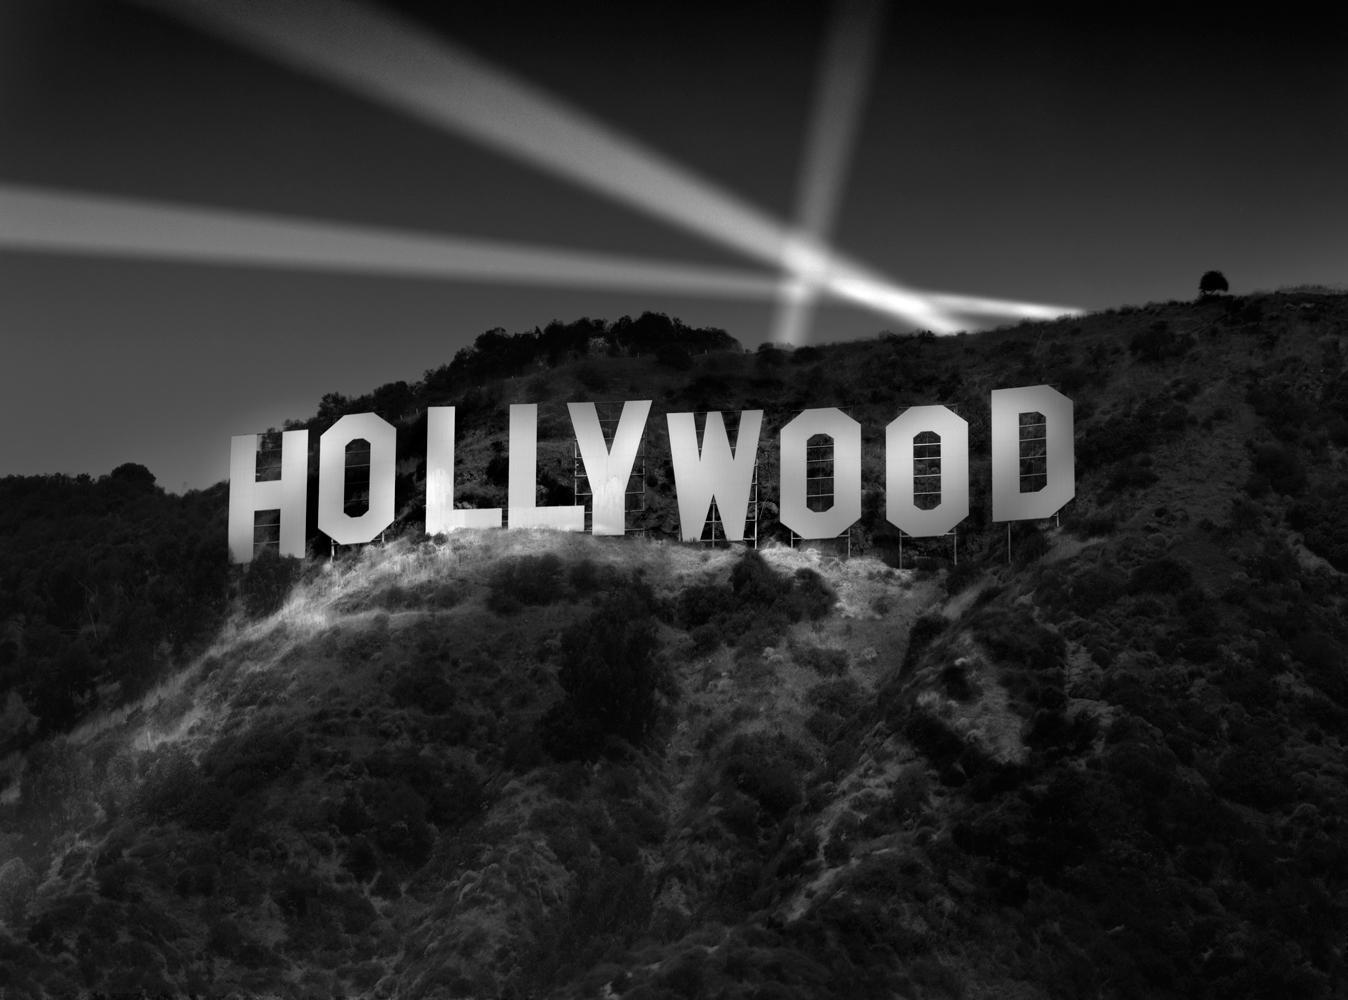 Les couples du cinéma hollywoodien en noir et blanc